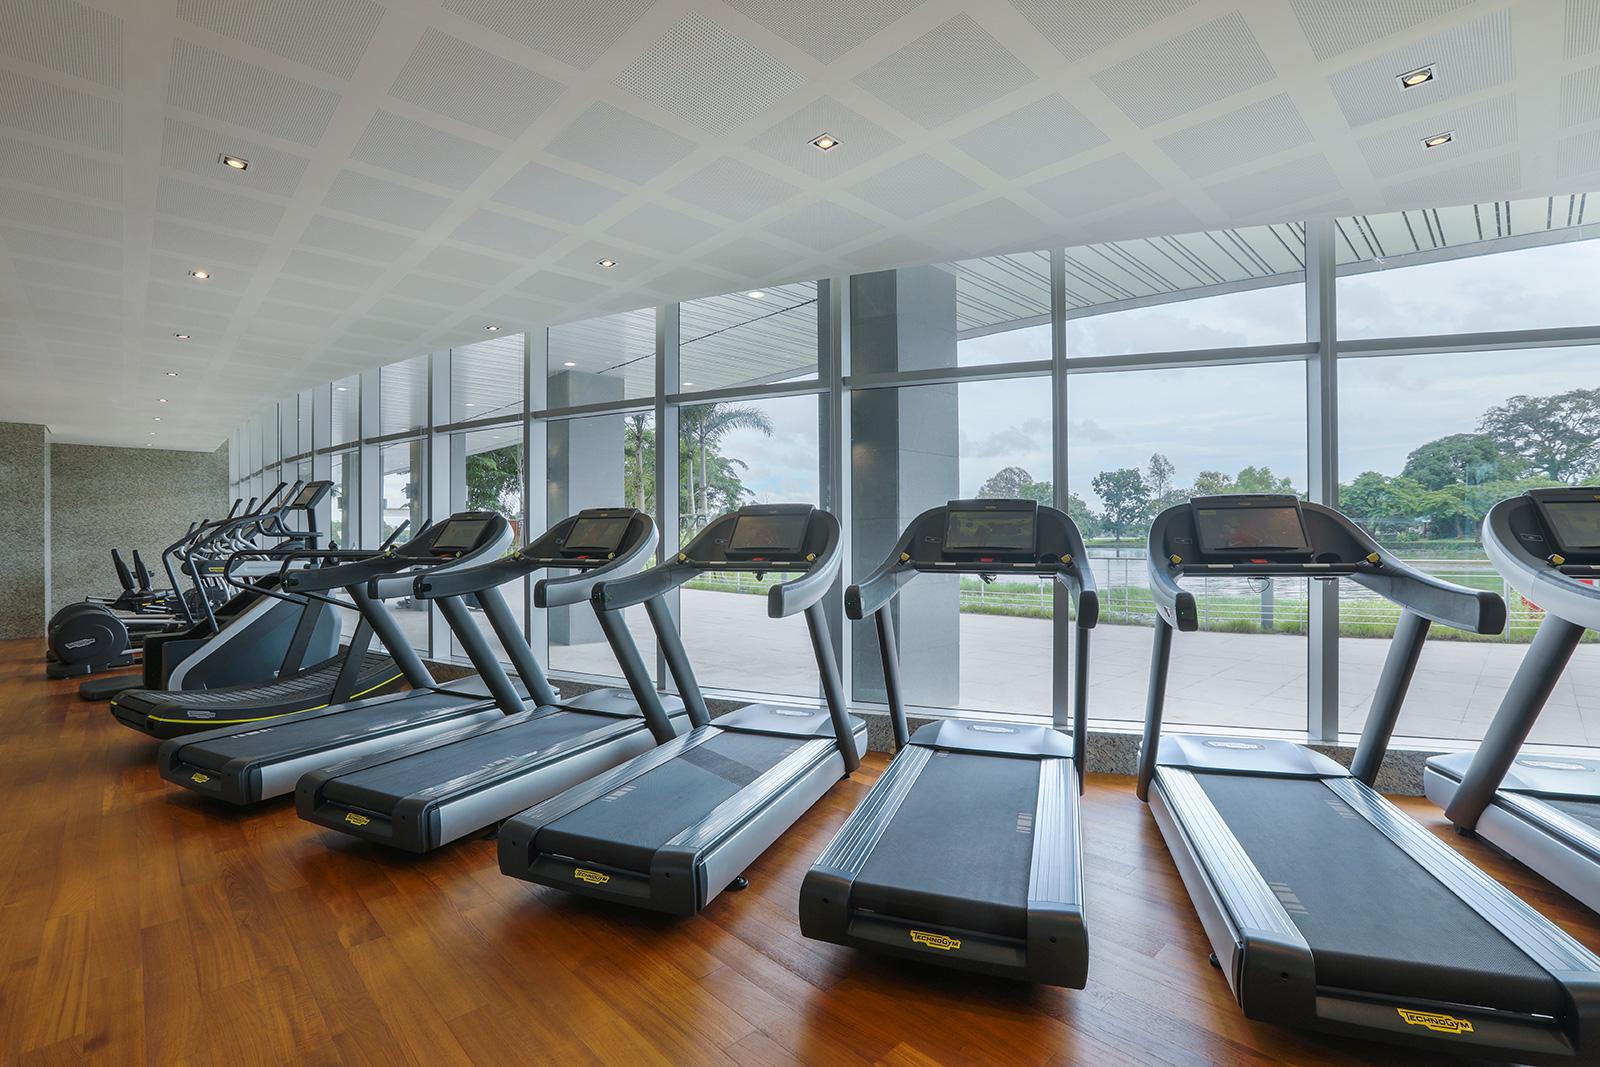 Fitness_Center-02.jpg